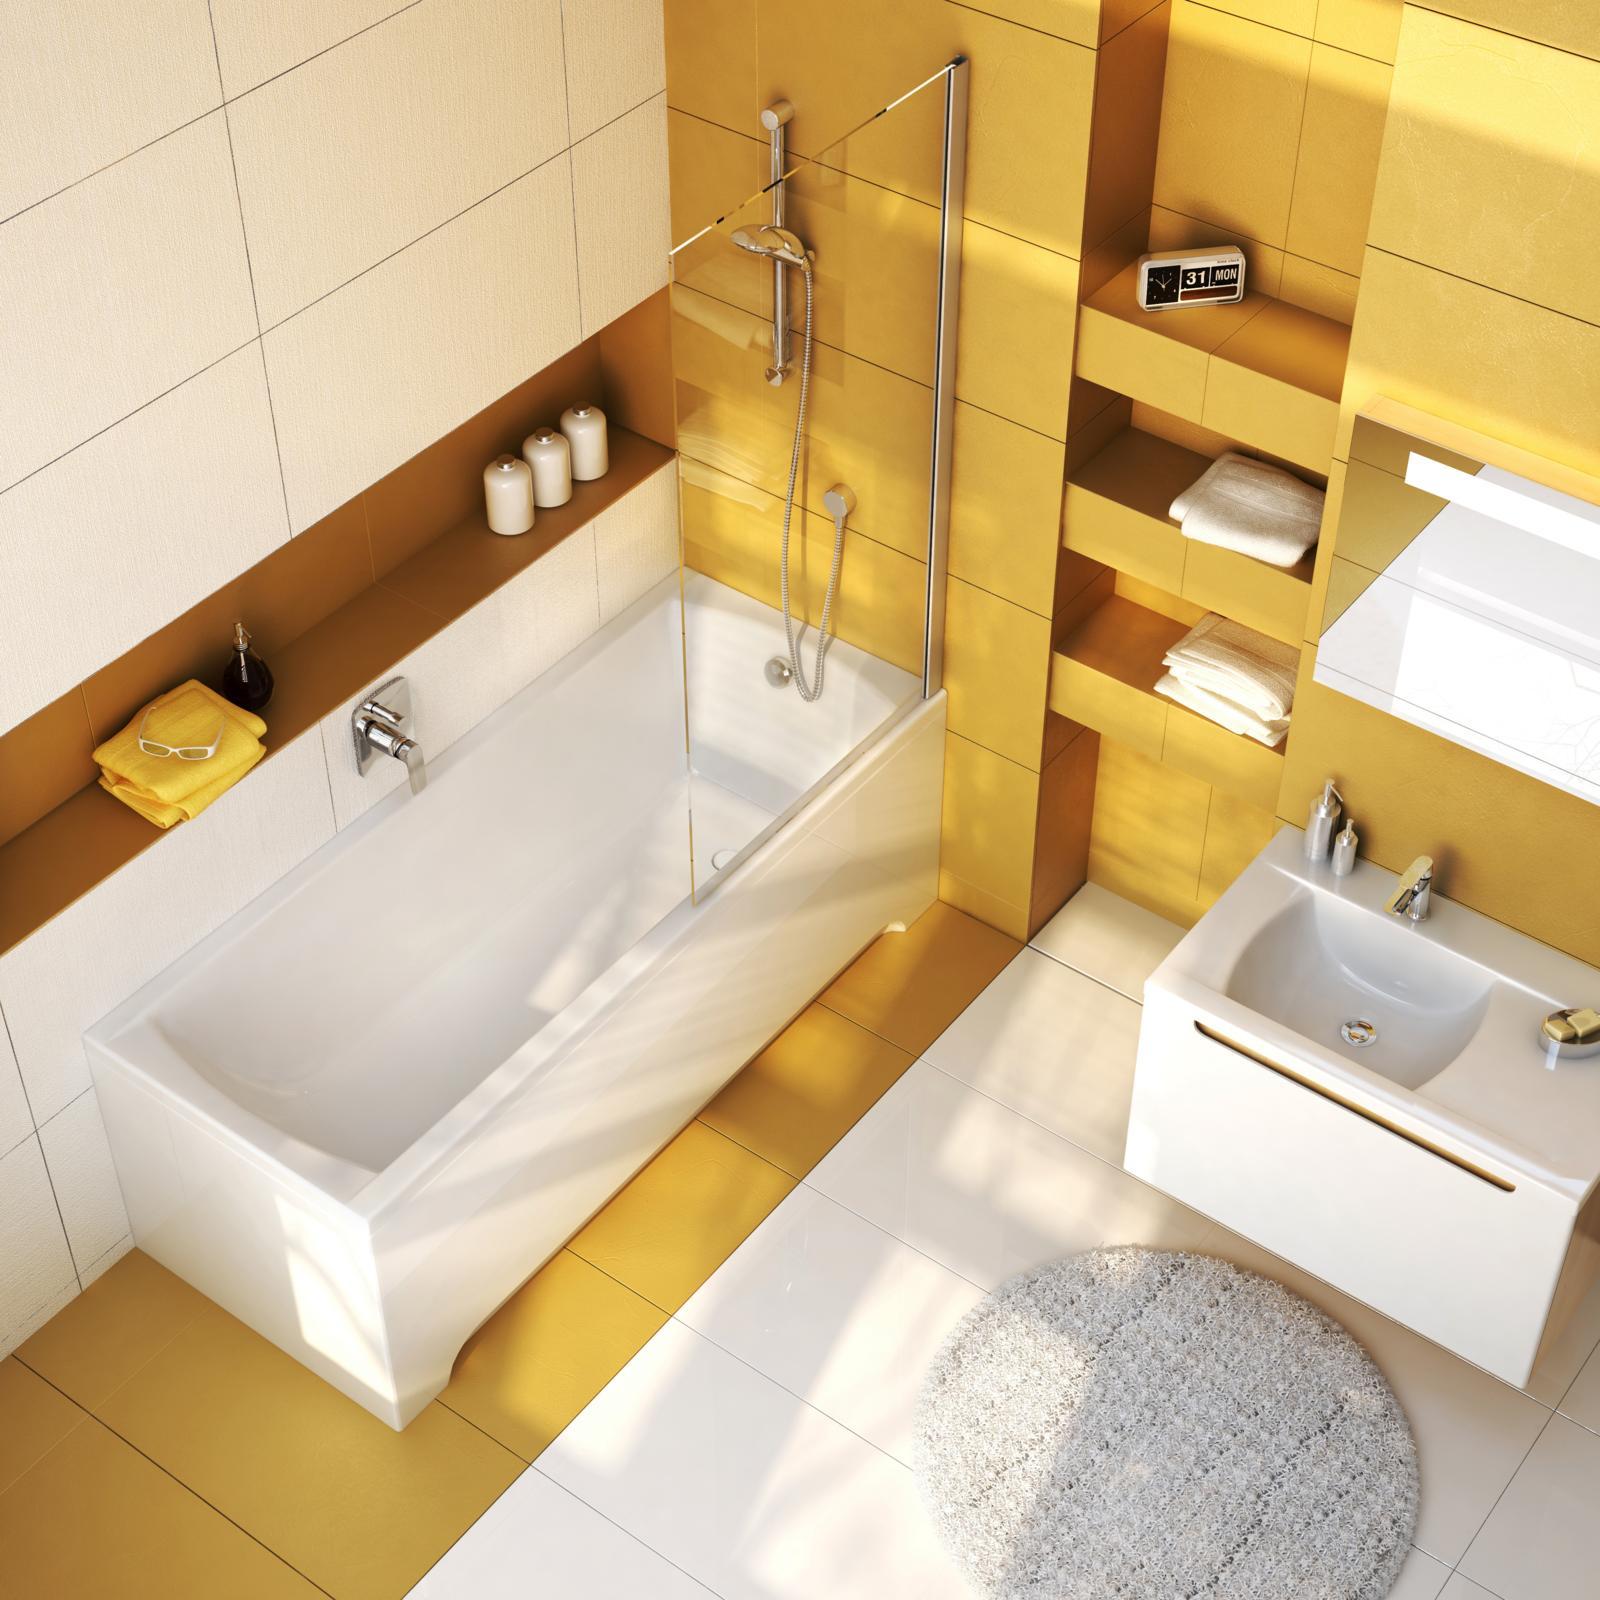 A kád keskeny szegélyei, finom peremei és lejtős oldalfala szokatlanul nagy belső teret eredményez. Alapos kádfenék miatt a zuhanyzás is kényelmes és biztonságos.